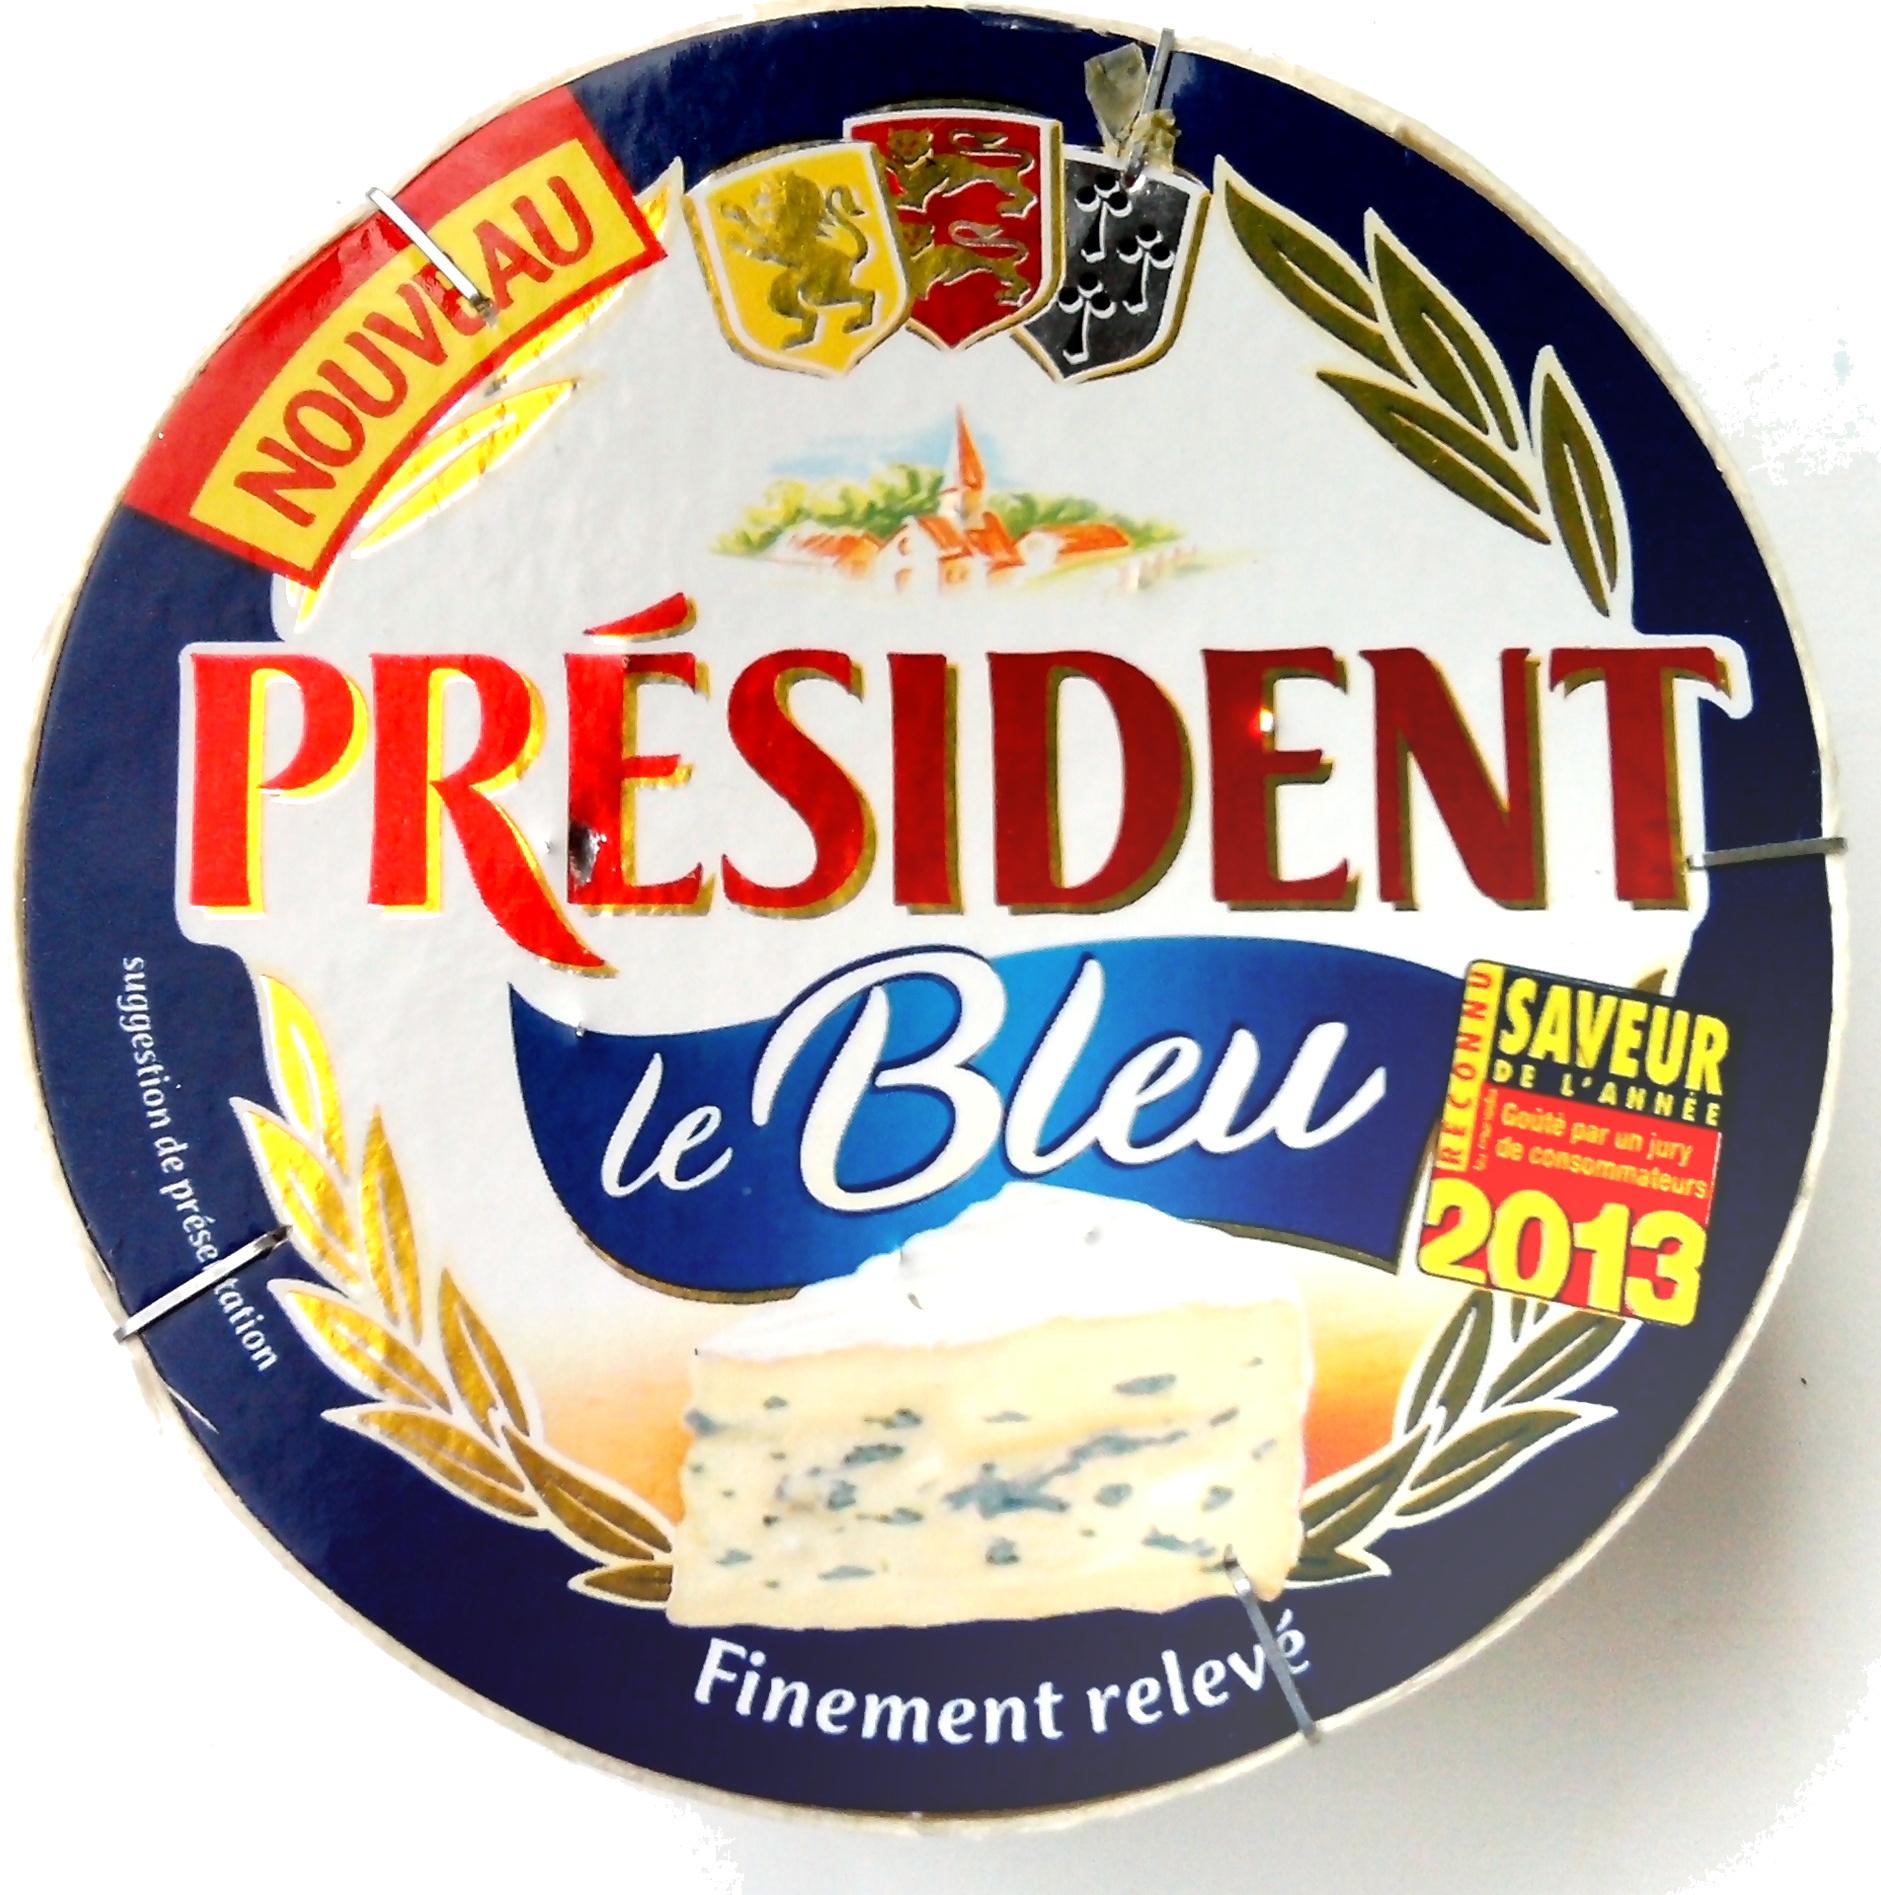 Le Bleu 28 % mg, Président (145 g)